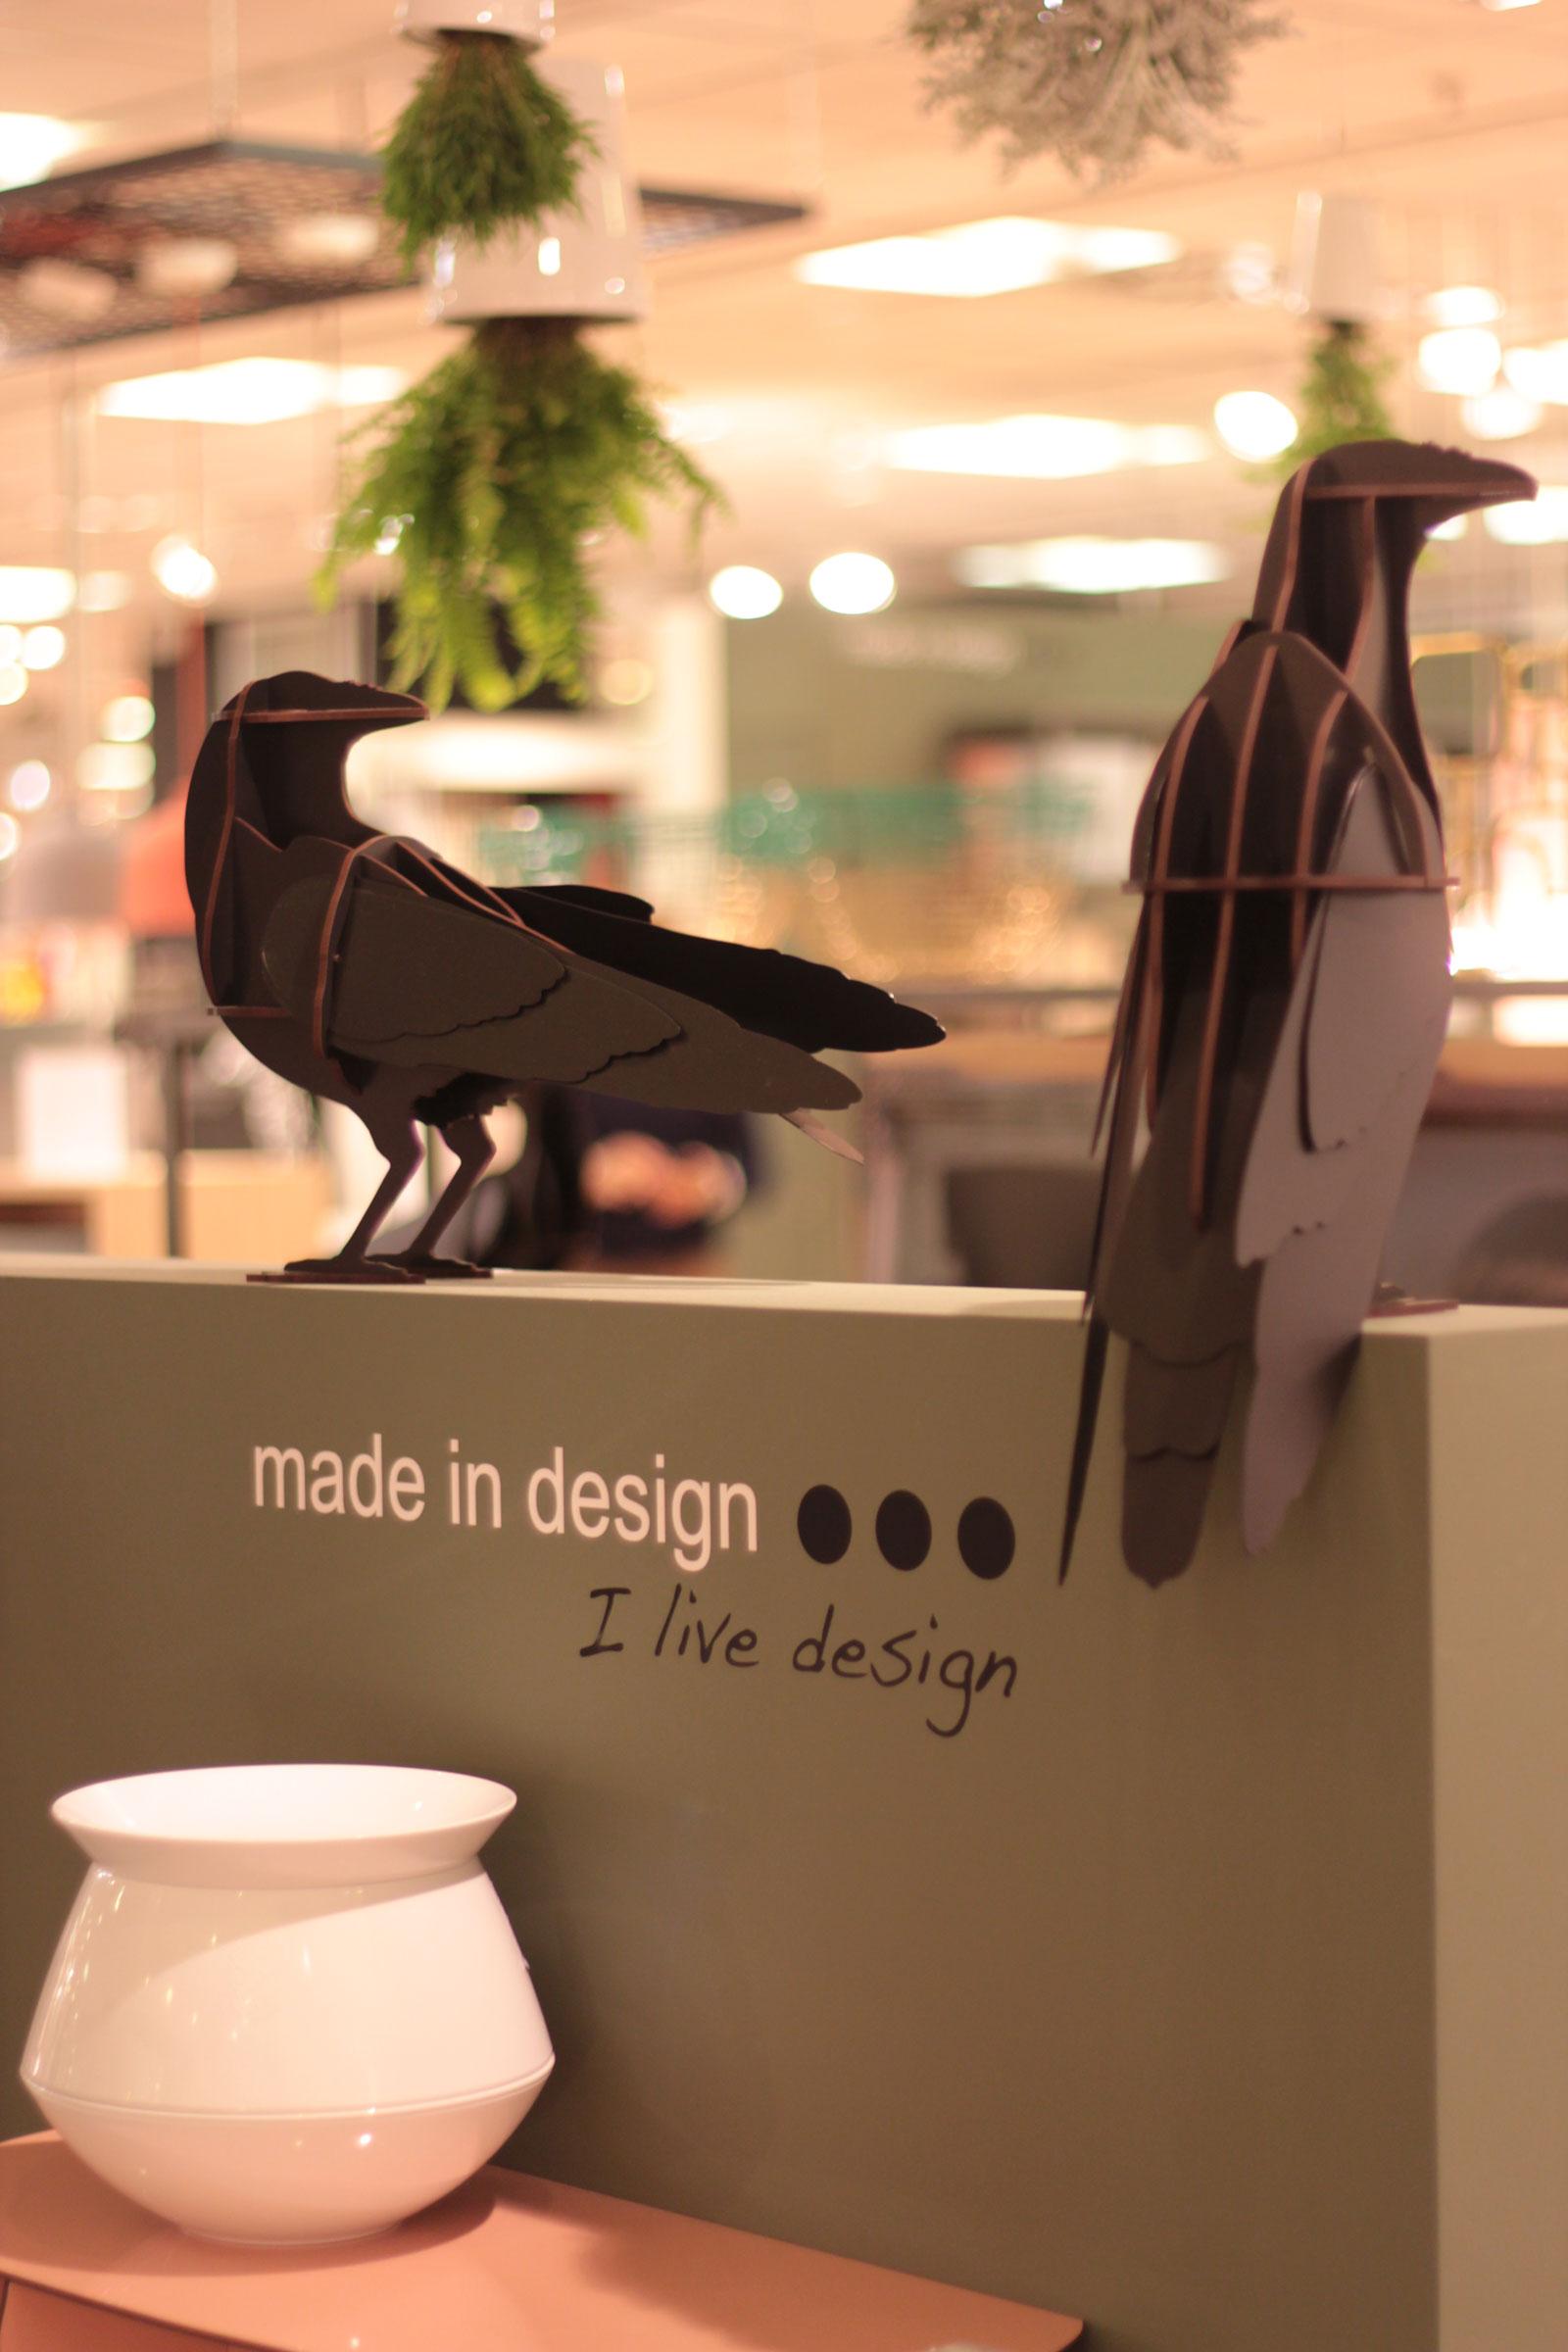 made-in-design-bhv-marais-stephanie-caumont-3